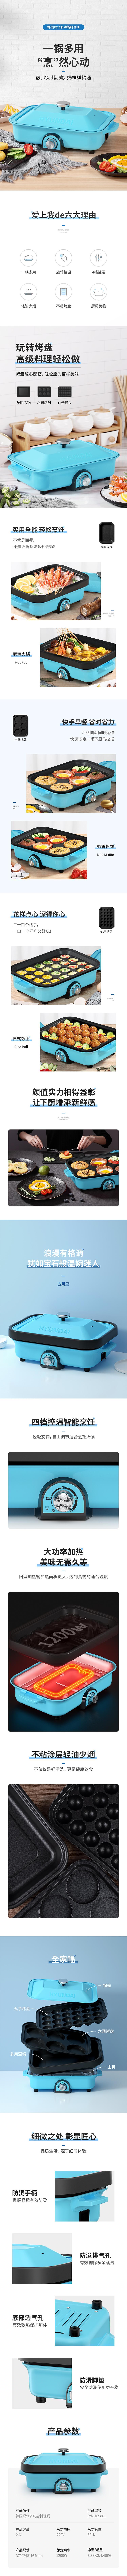 多功能烹饪锅PN-HG9801 750.jpg